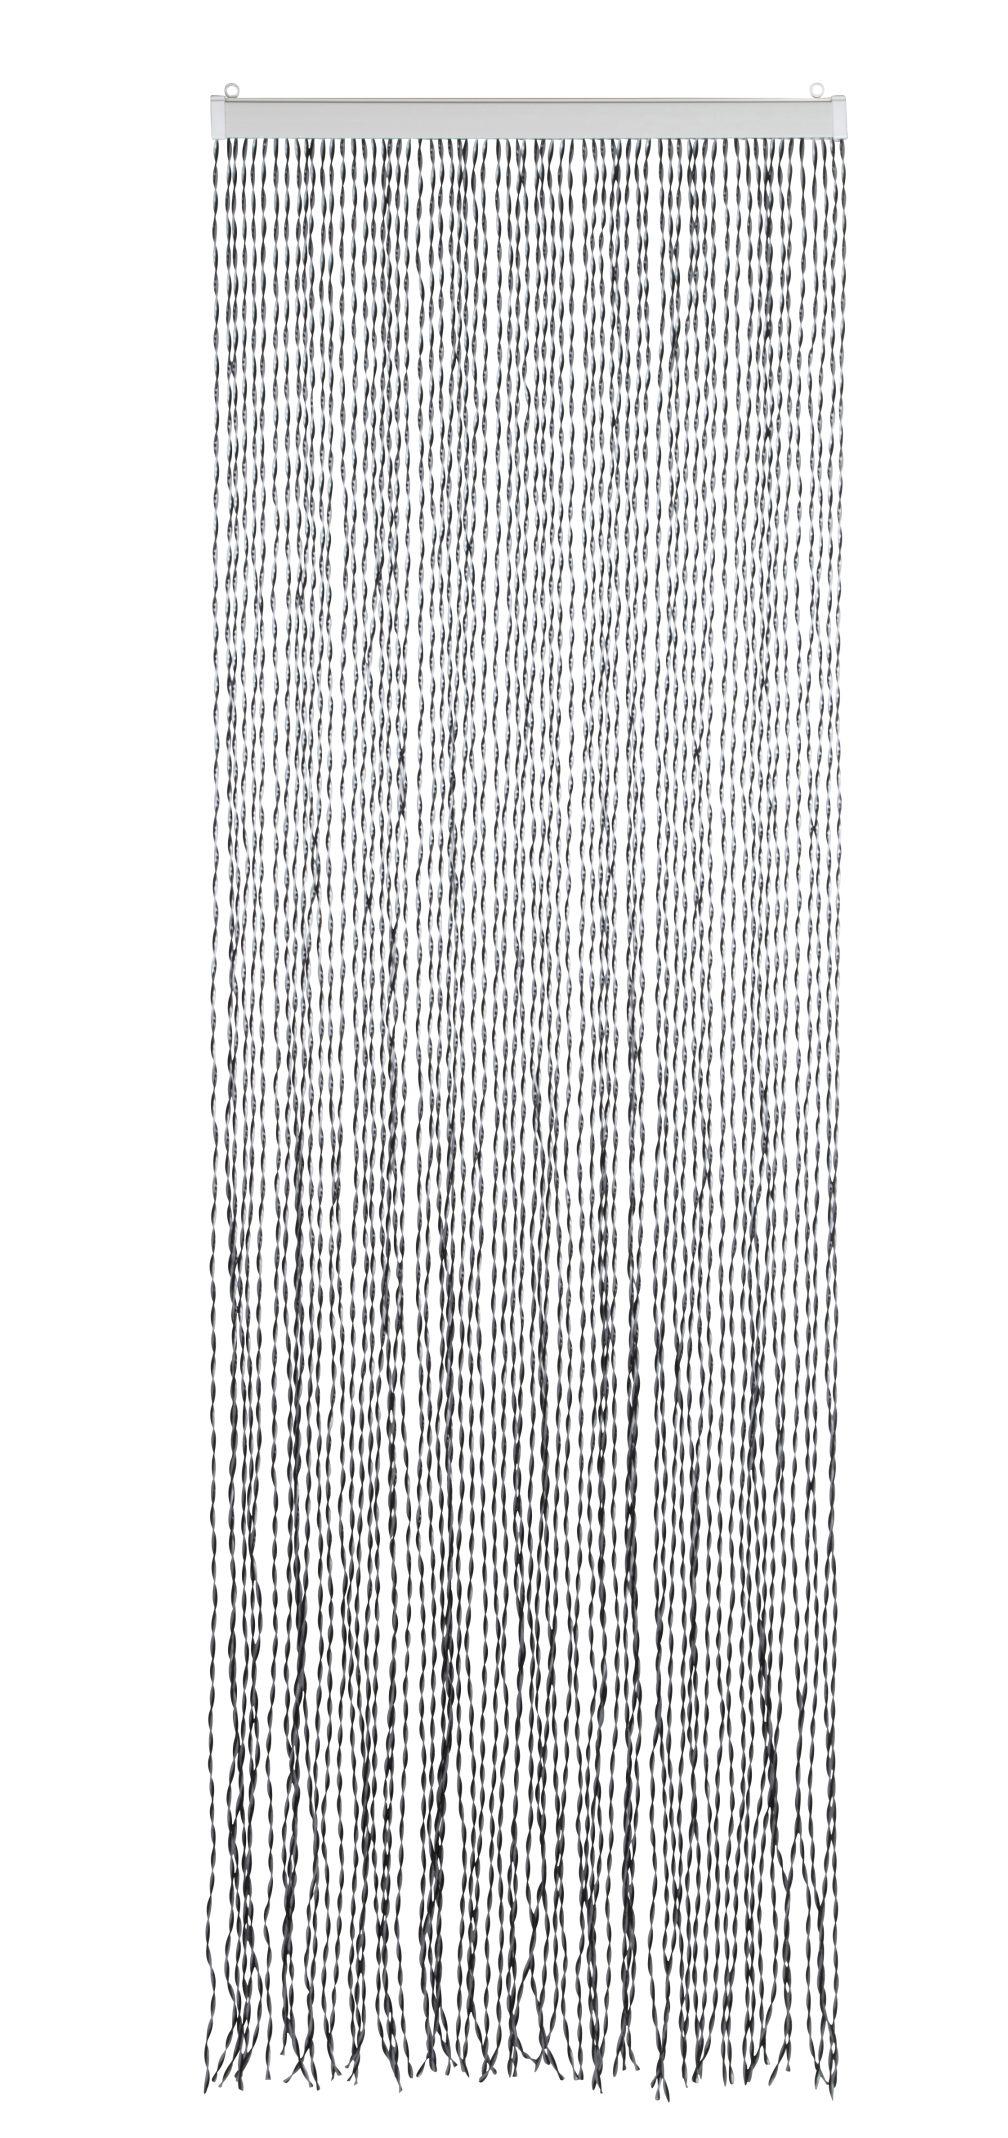 Arisol Vliegengordijn String 100x220